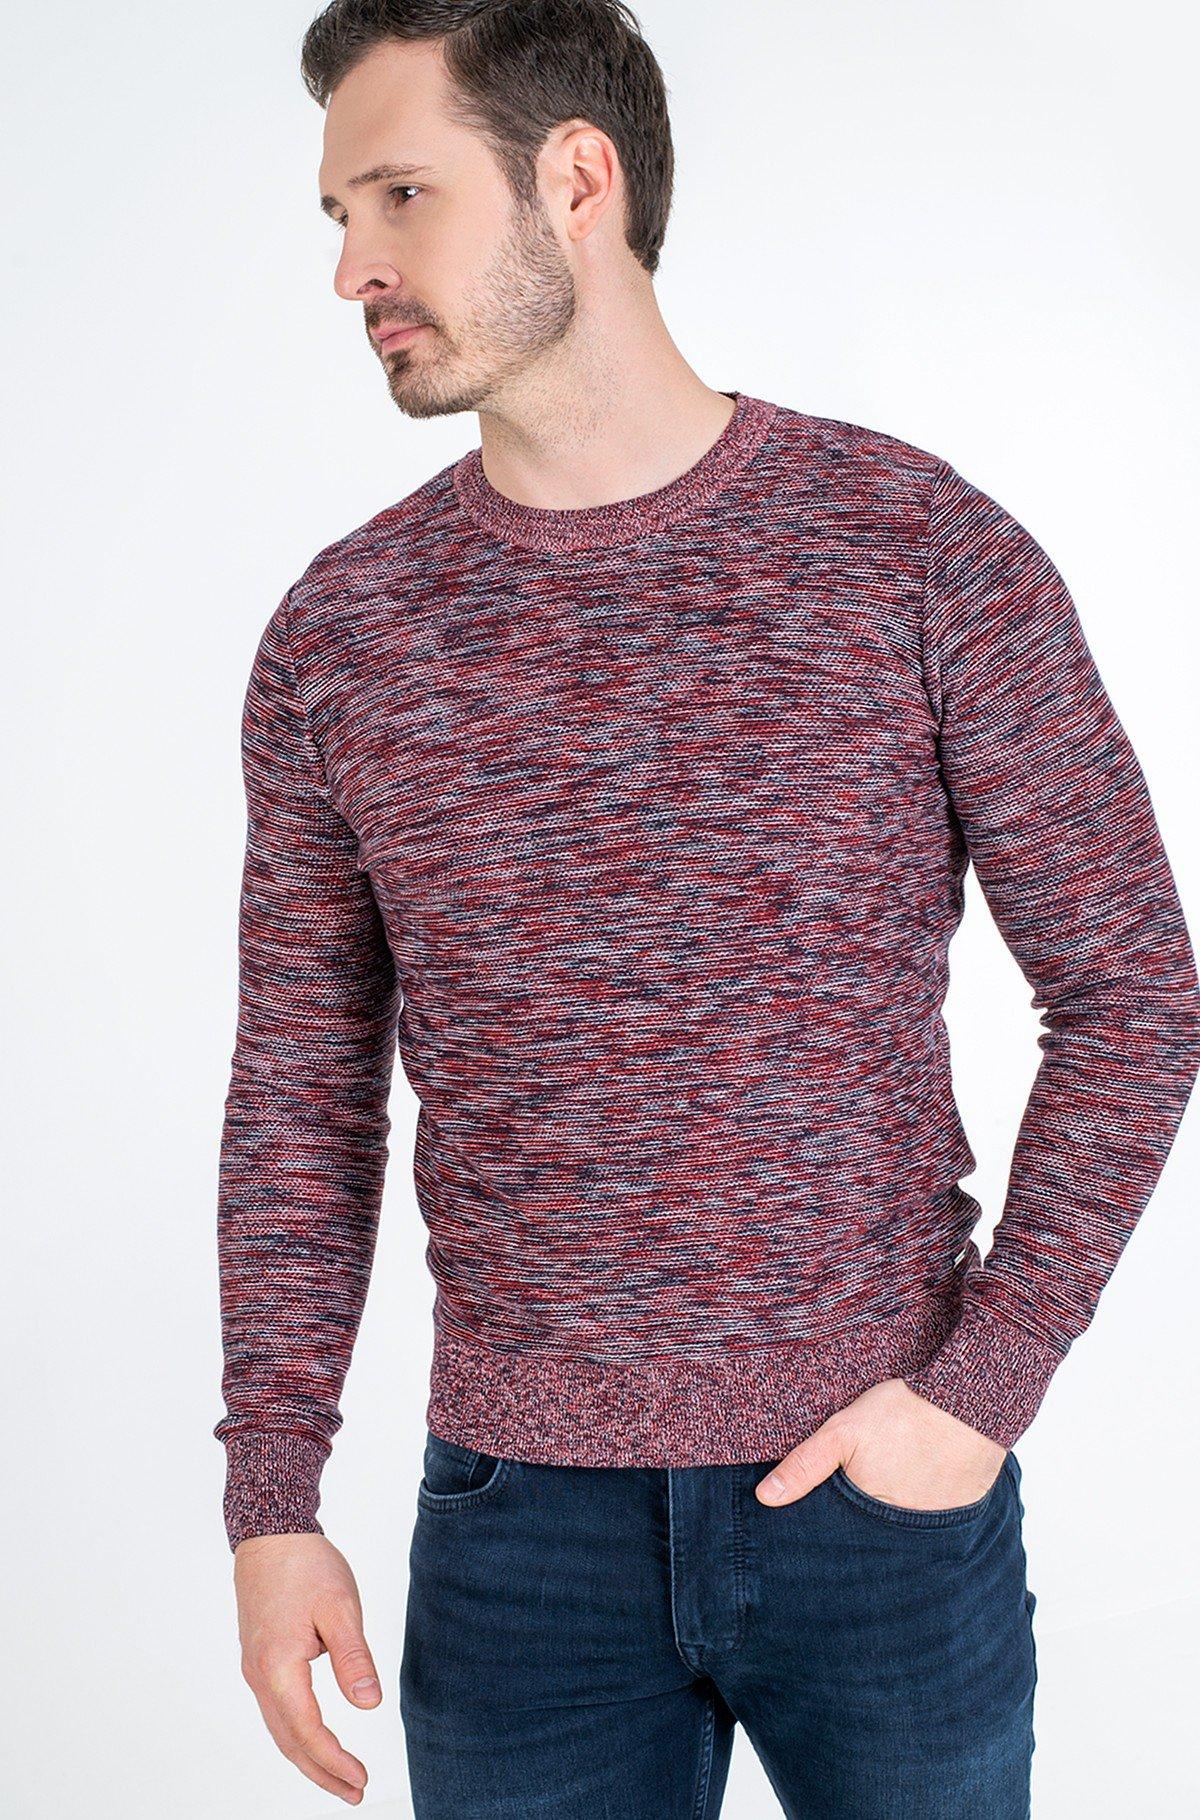 Knitwear 1022473-full-1